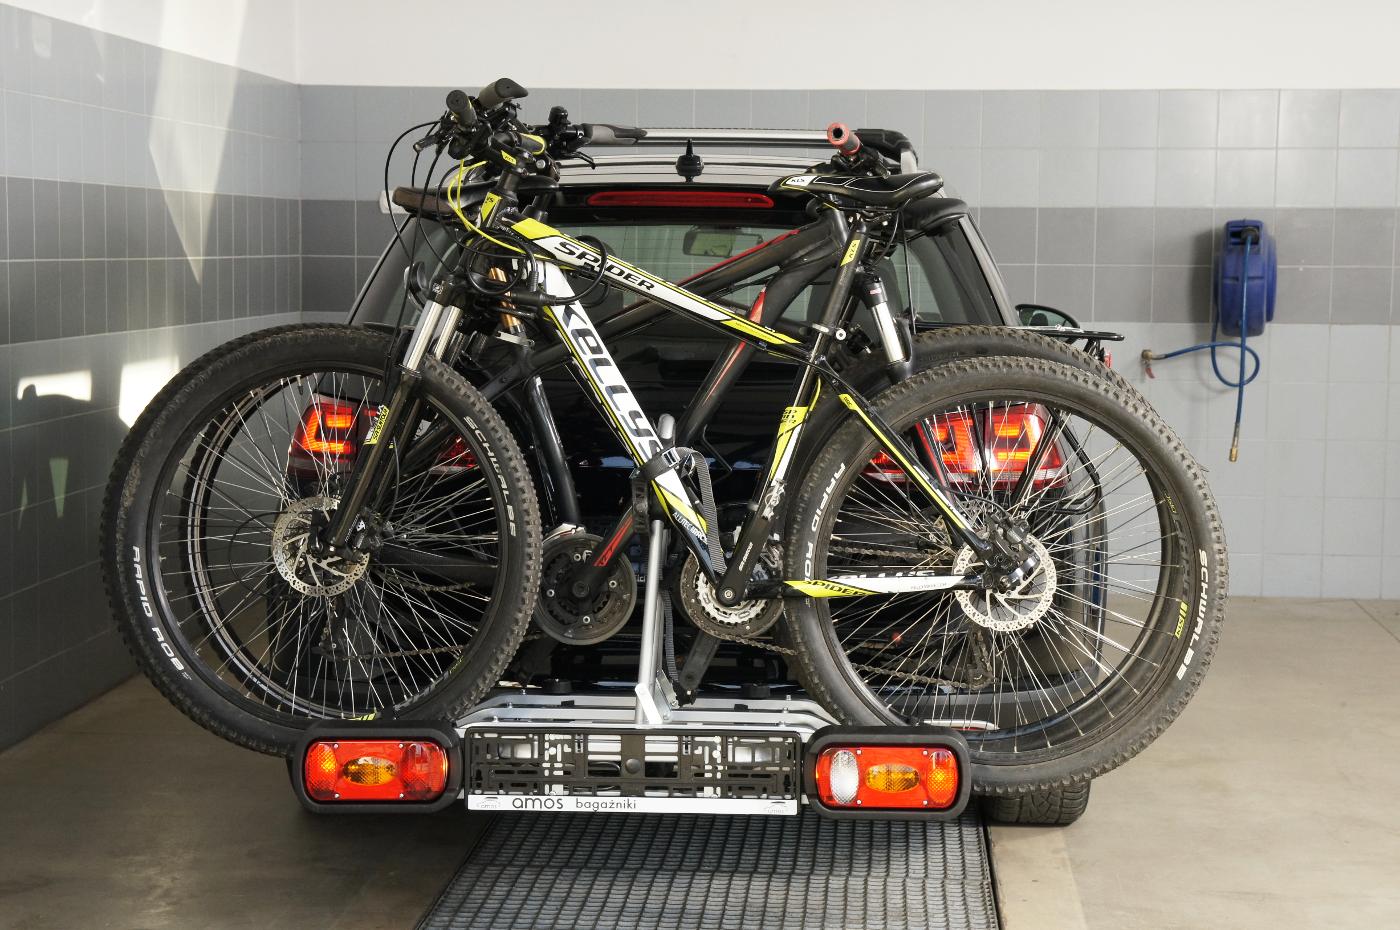 Fahrradträger für Anhängerkupplung drei Fahrräder eBike AMOS Tytan-3 PLUS 7polig